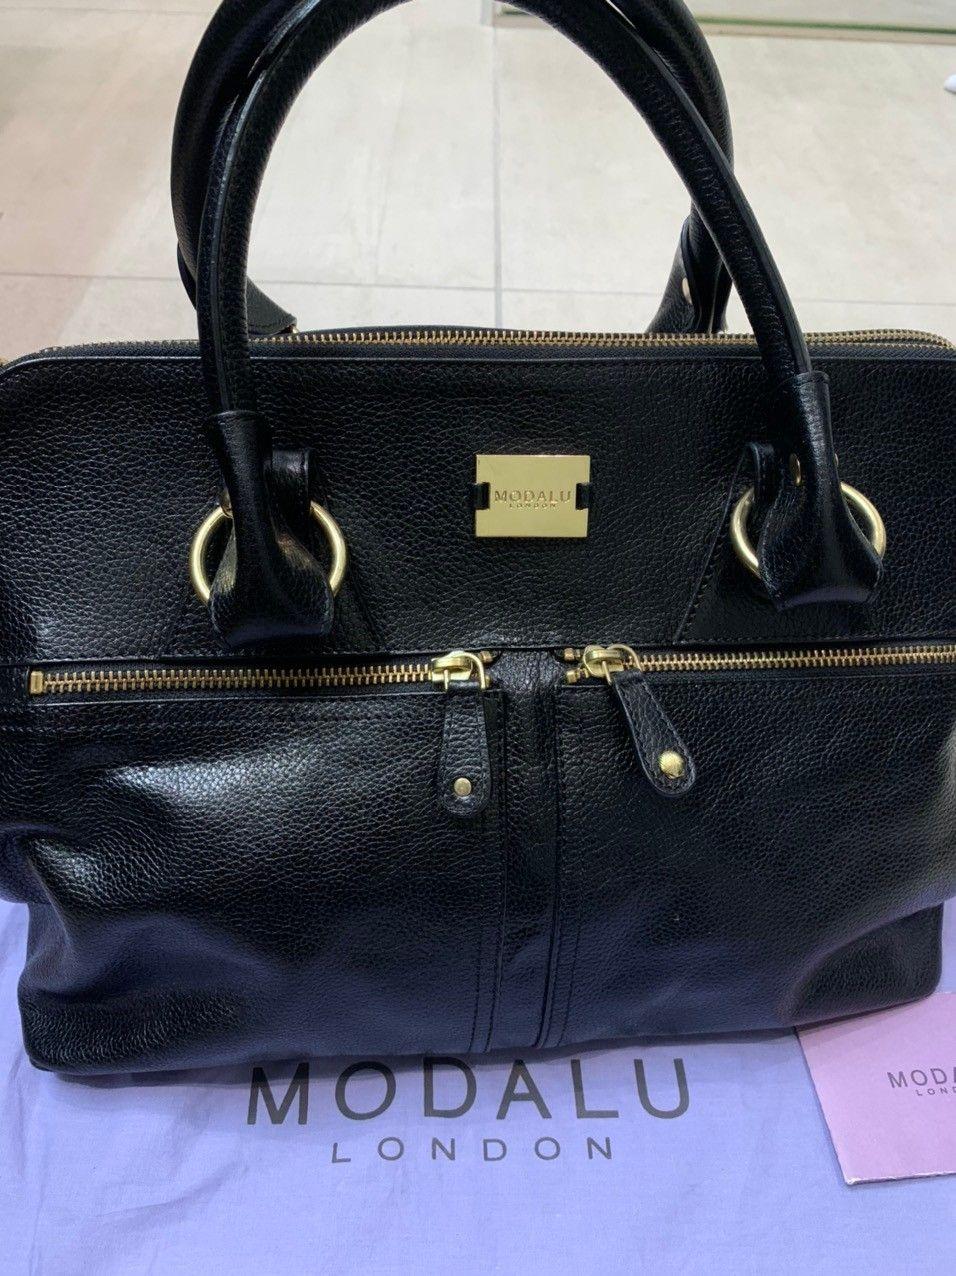 MODALU skinn veske med dustbag | FINN.no